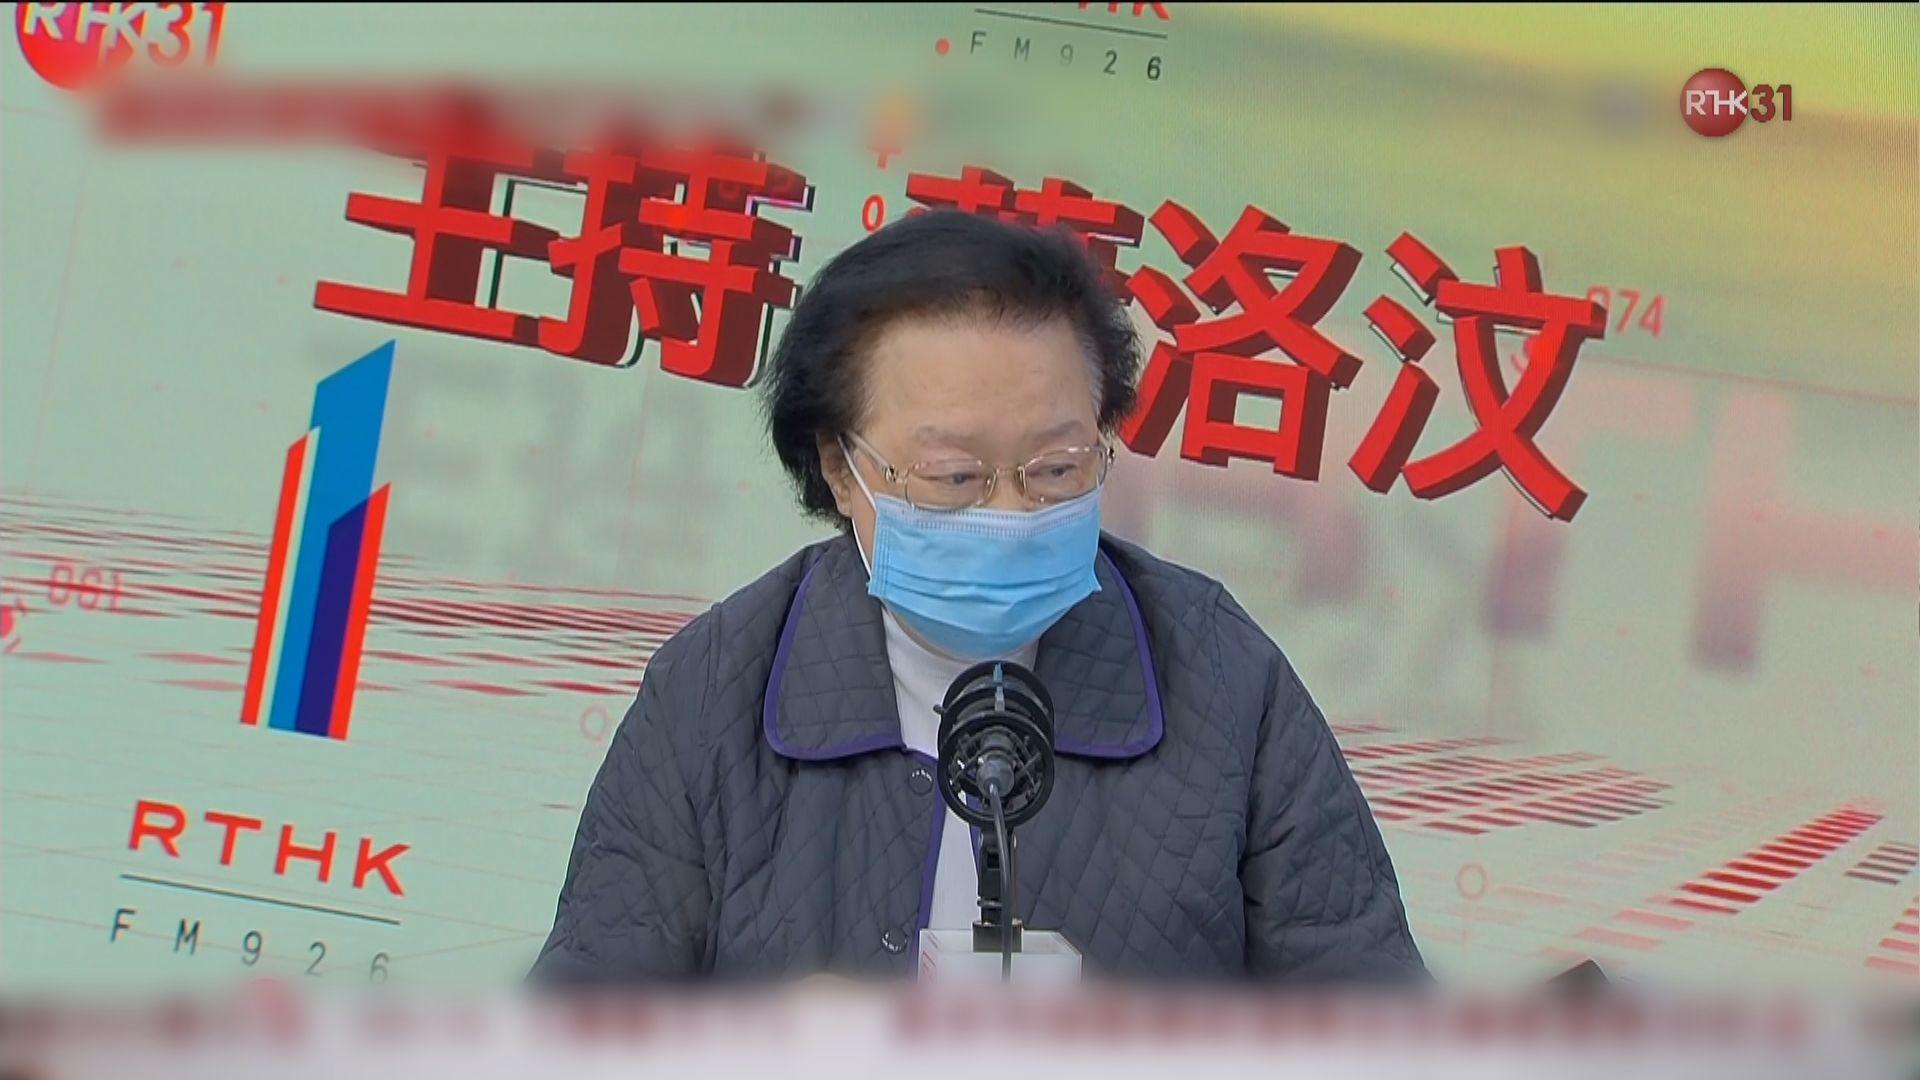 譚惠珠:人大常委會決定針對議員外國游說工作